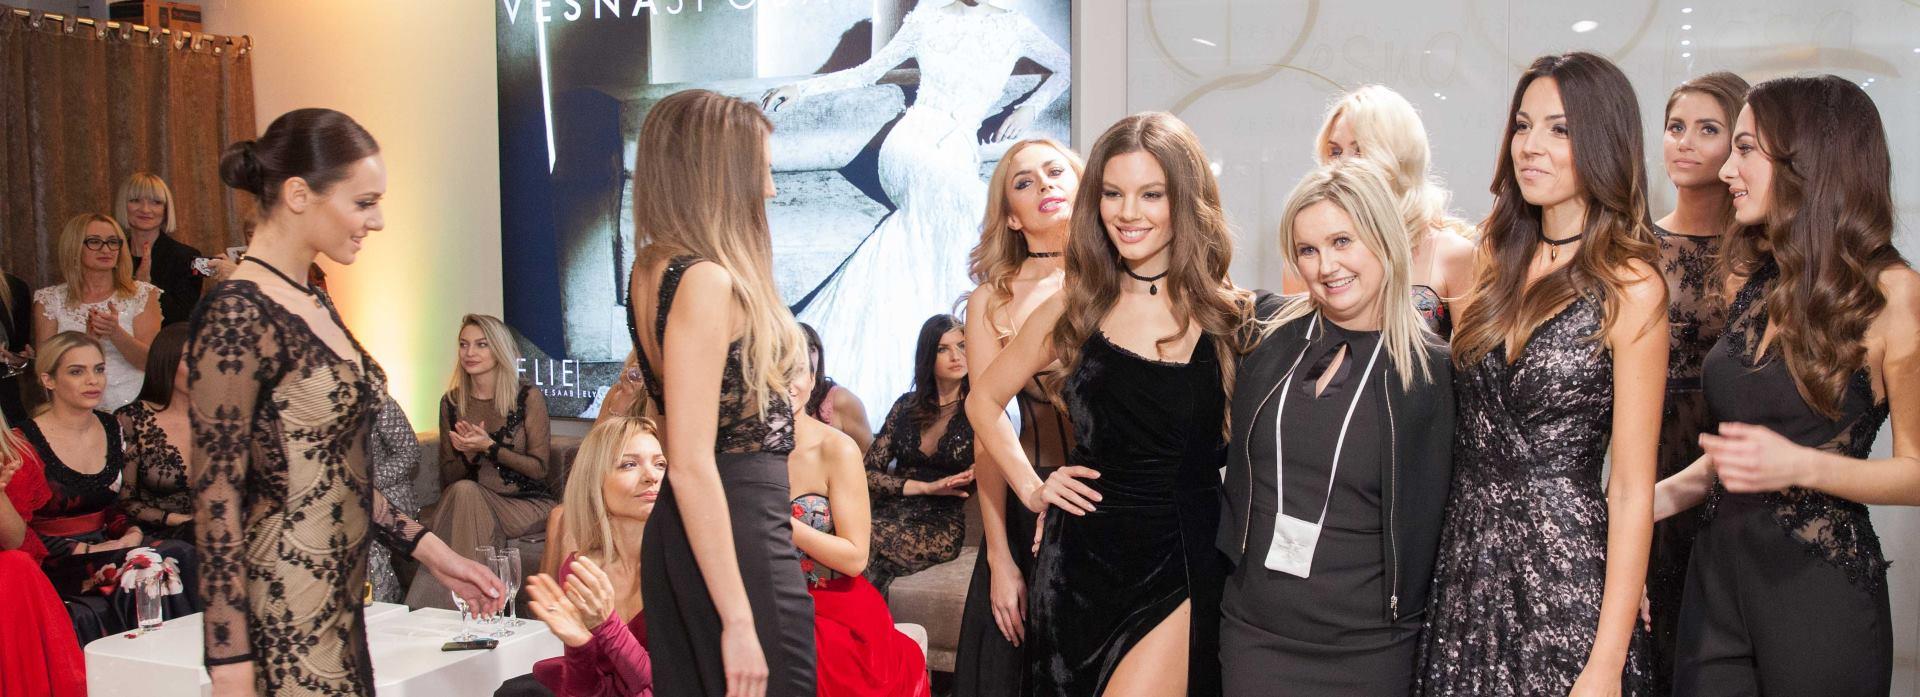 FOTO: Održana gala modna revija 'Božićna haljina by Vesna SPOSA'